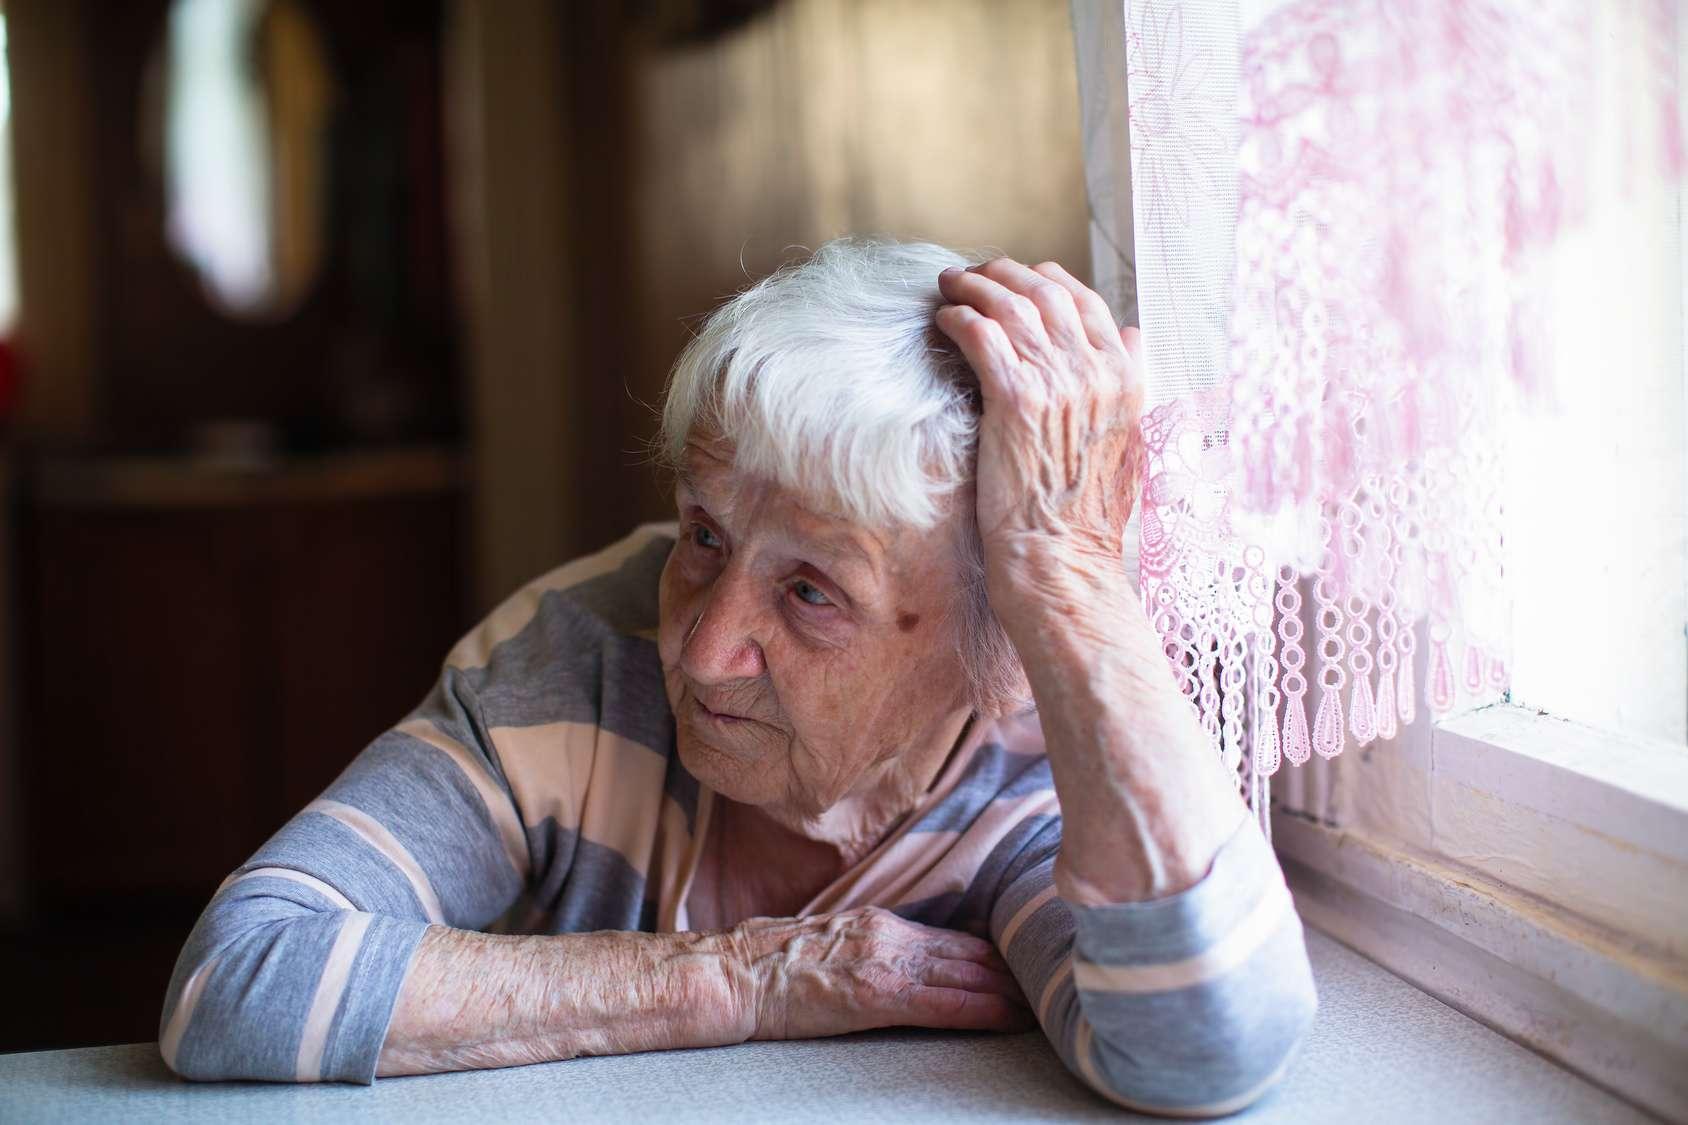 Près de la moitié des personnes atteintes d'Alzheimer soufrent d'apathie. © De Visu - Fotolia